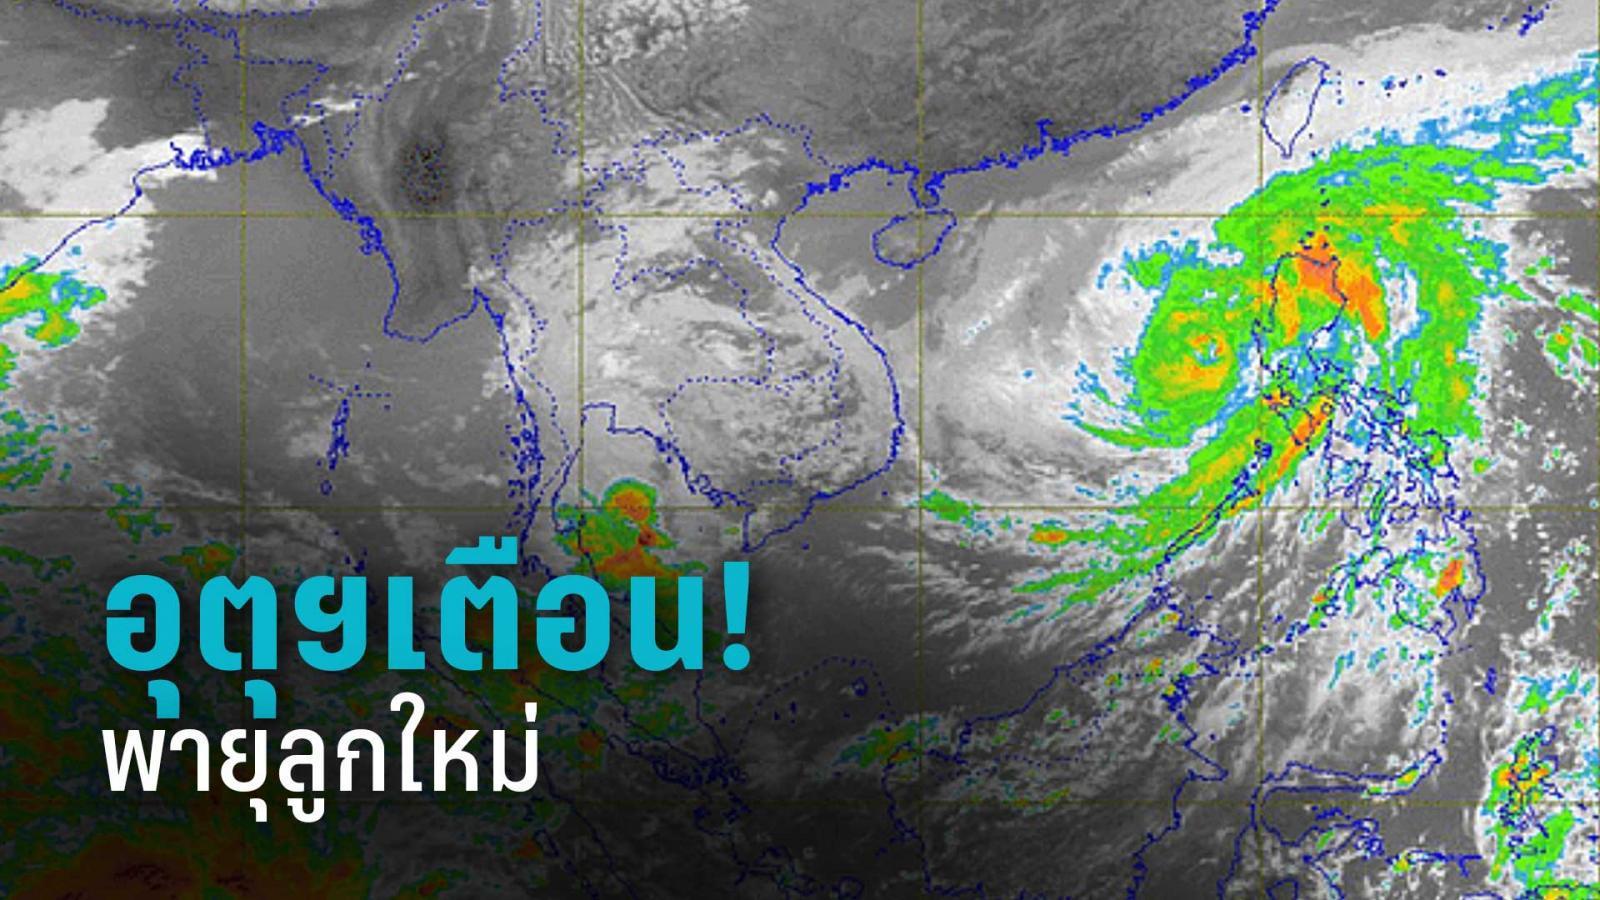 """ประกาศเตือน! พายุลูกใหม่  """"หว่ามก๋อ"""" พายุโซนร้อนรุนแรง ความเร็วสูง อุตุฯแจ้งเกาะติดสถานการณ์"""